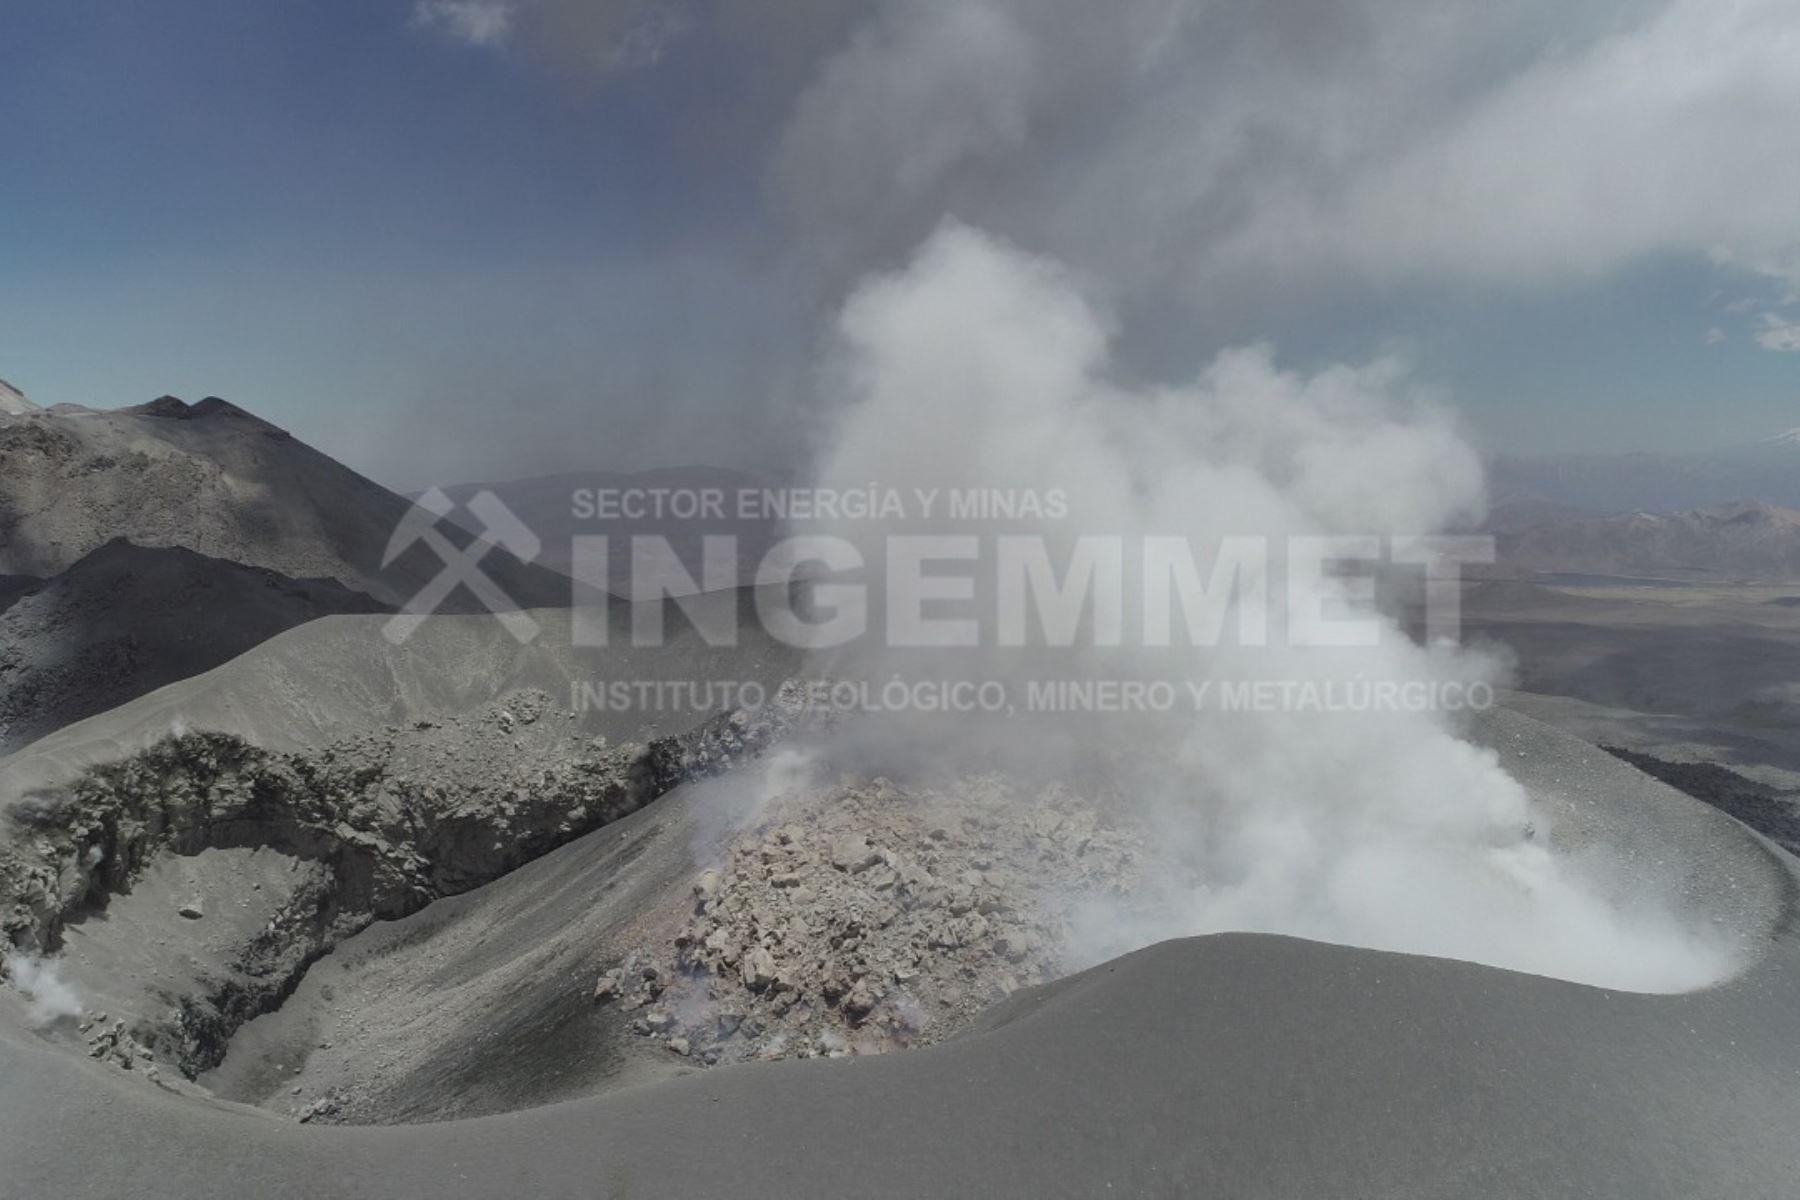 Domo de lava en el volcán Sabancaya (Arequipa) habría empezado a emplazarse en febrero del 2017, informó el Ingemmet. Foto: Ingemmet